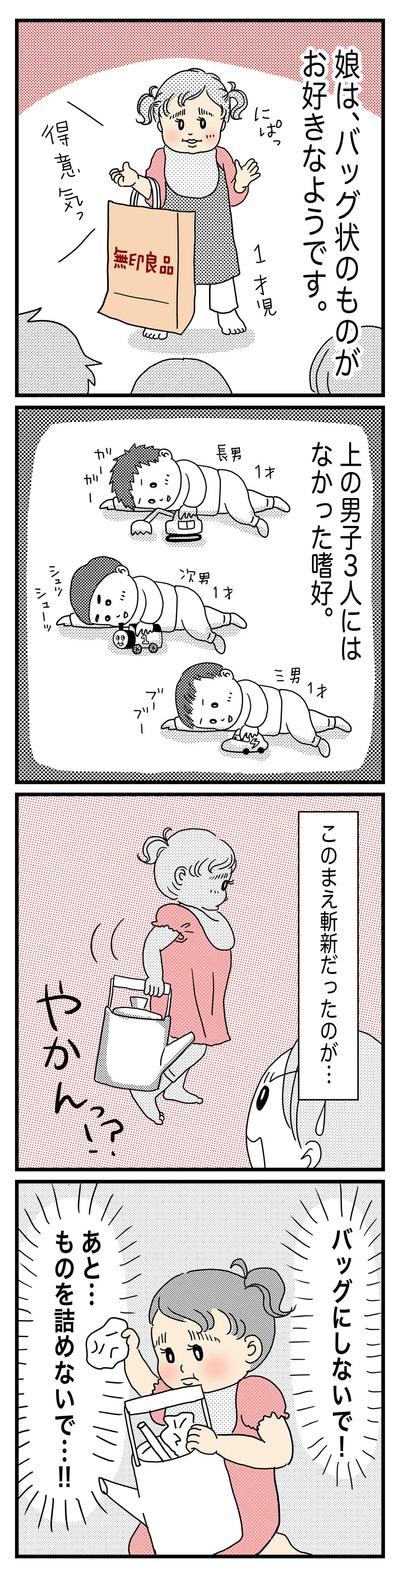 113 やかん娘(1才〜1才半)